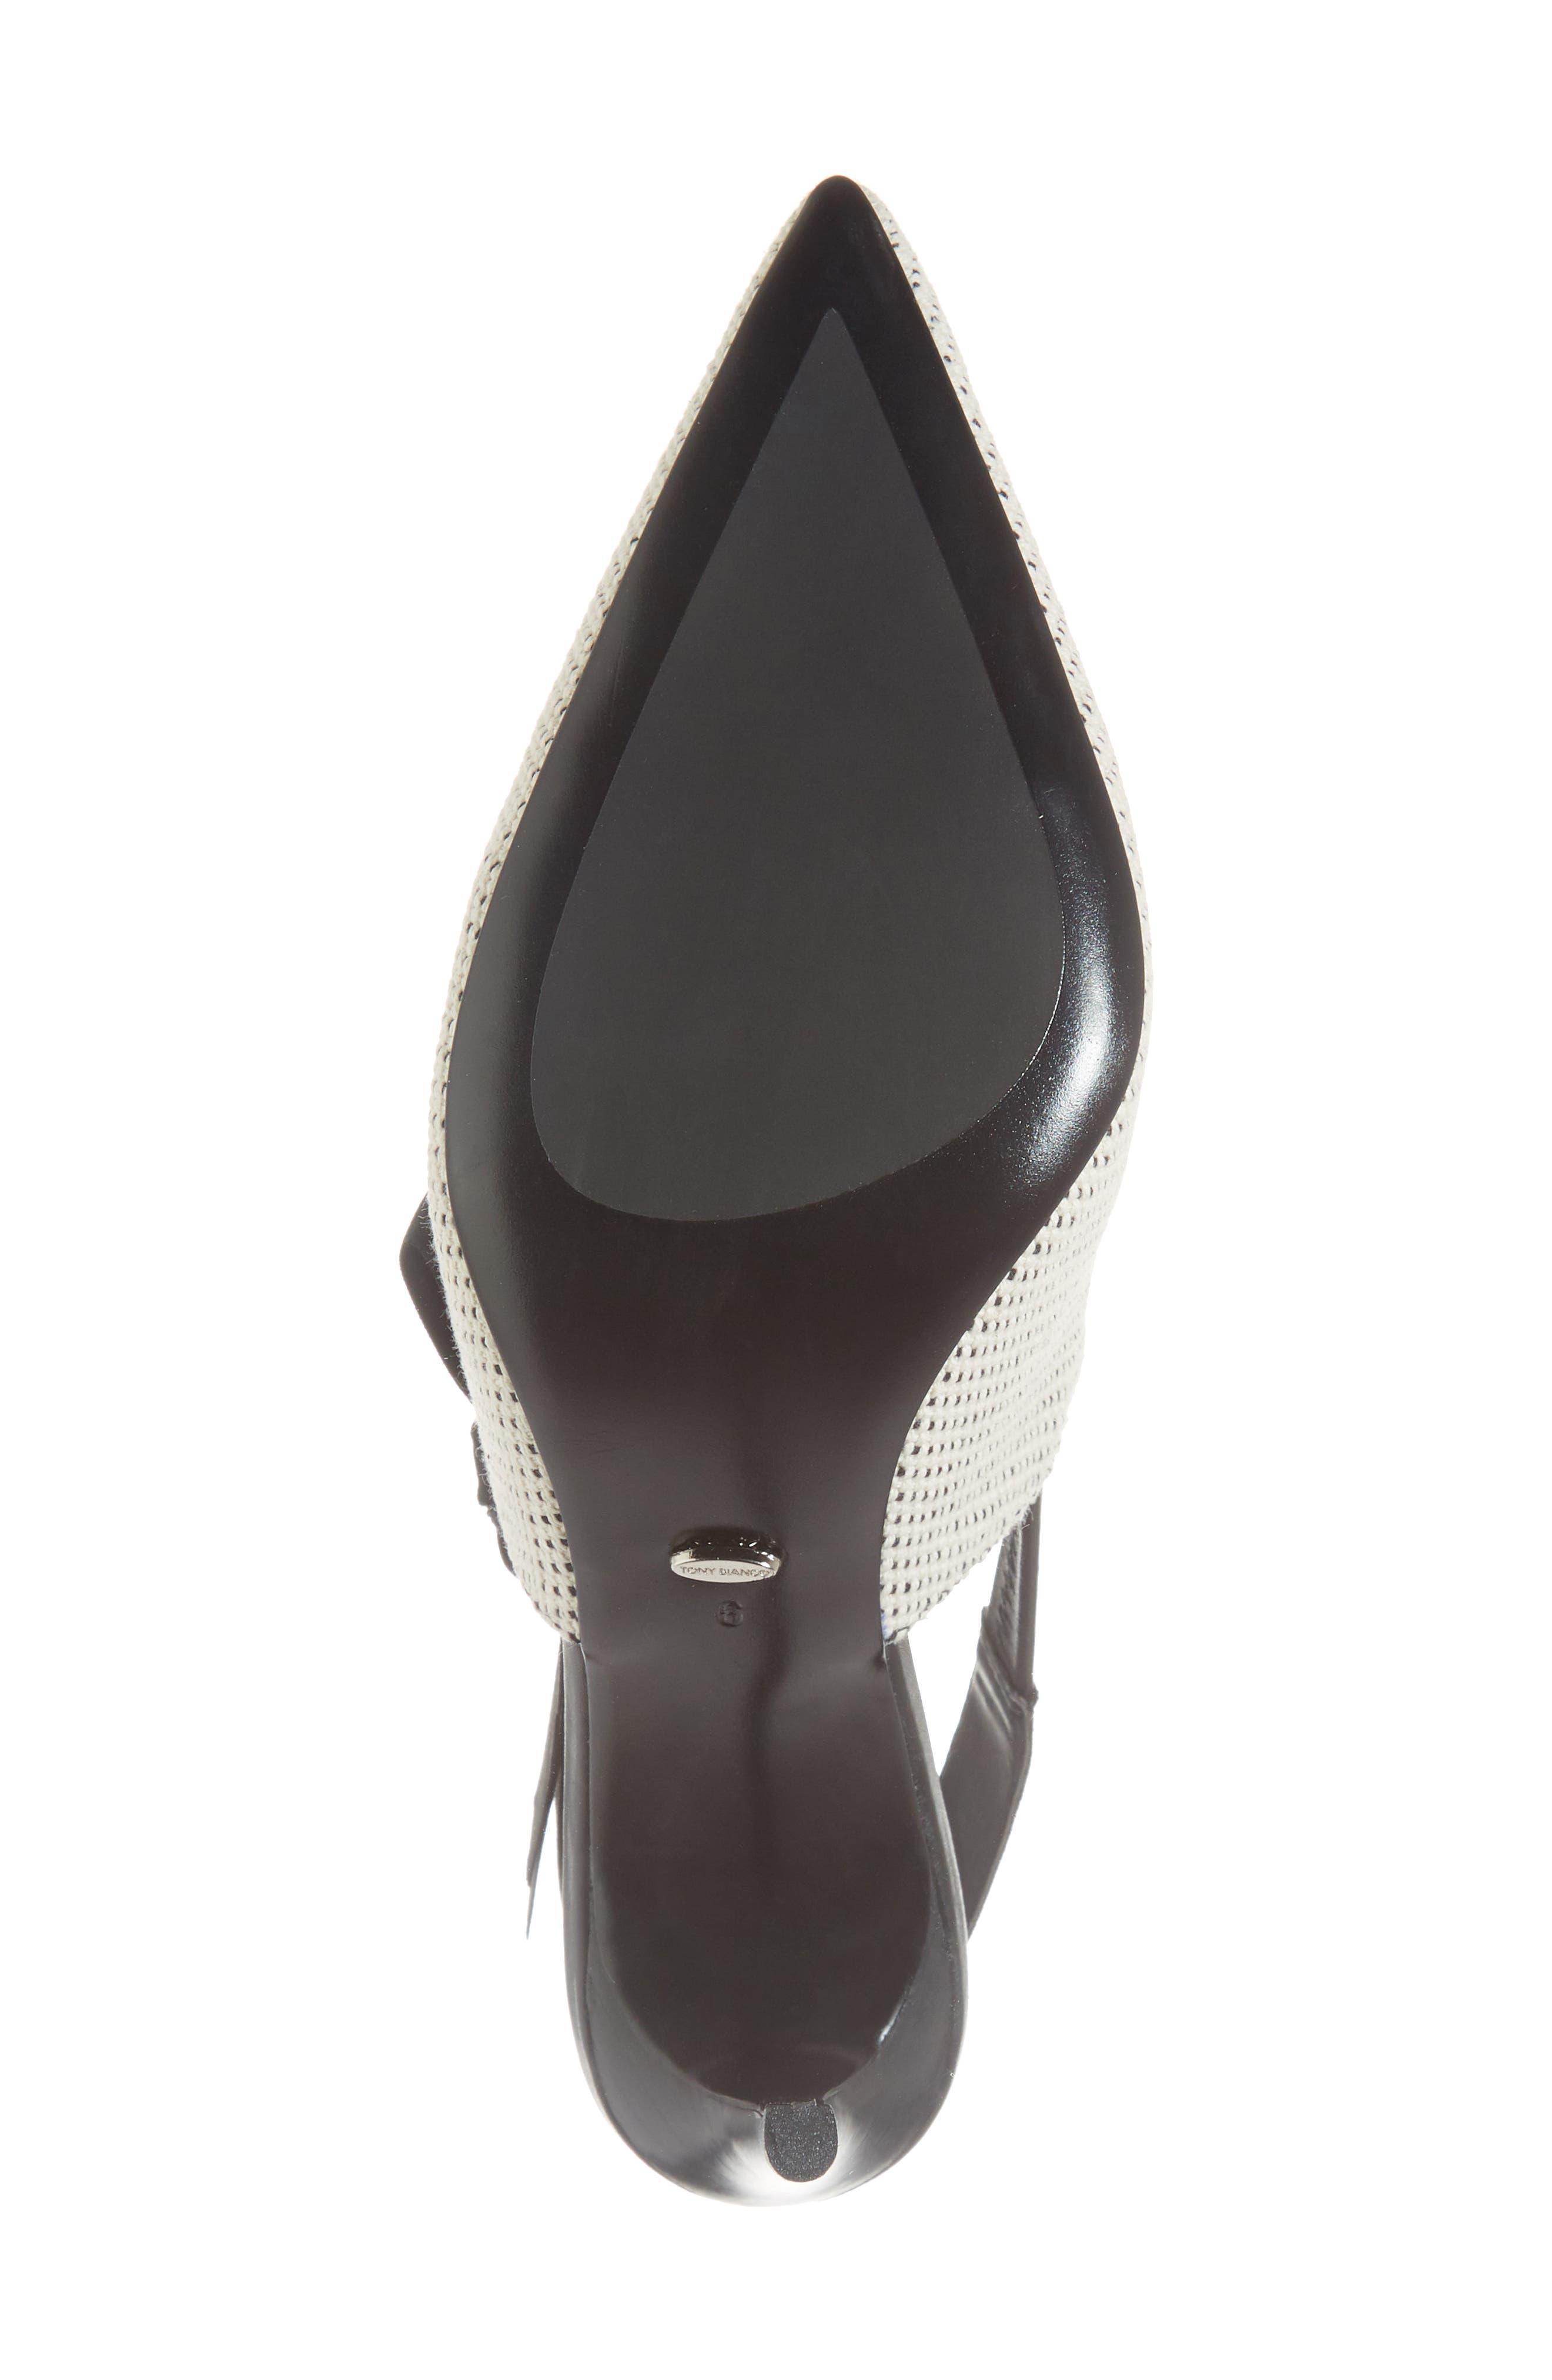 Evita Sandal,                             Alternate thumbnail 6, color,                             WHITE/ BLACK FABRIC